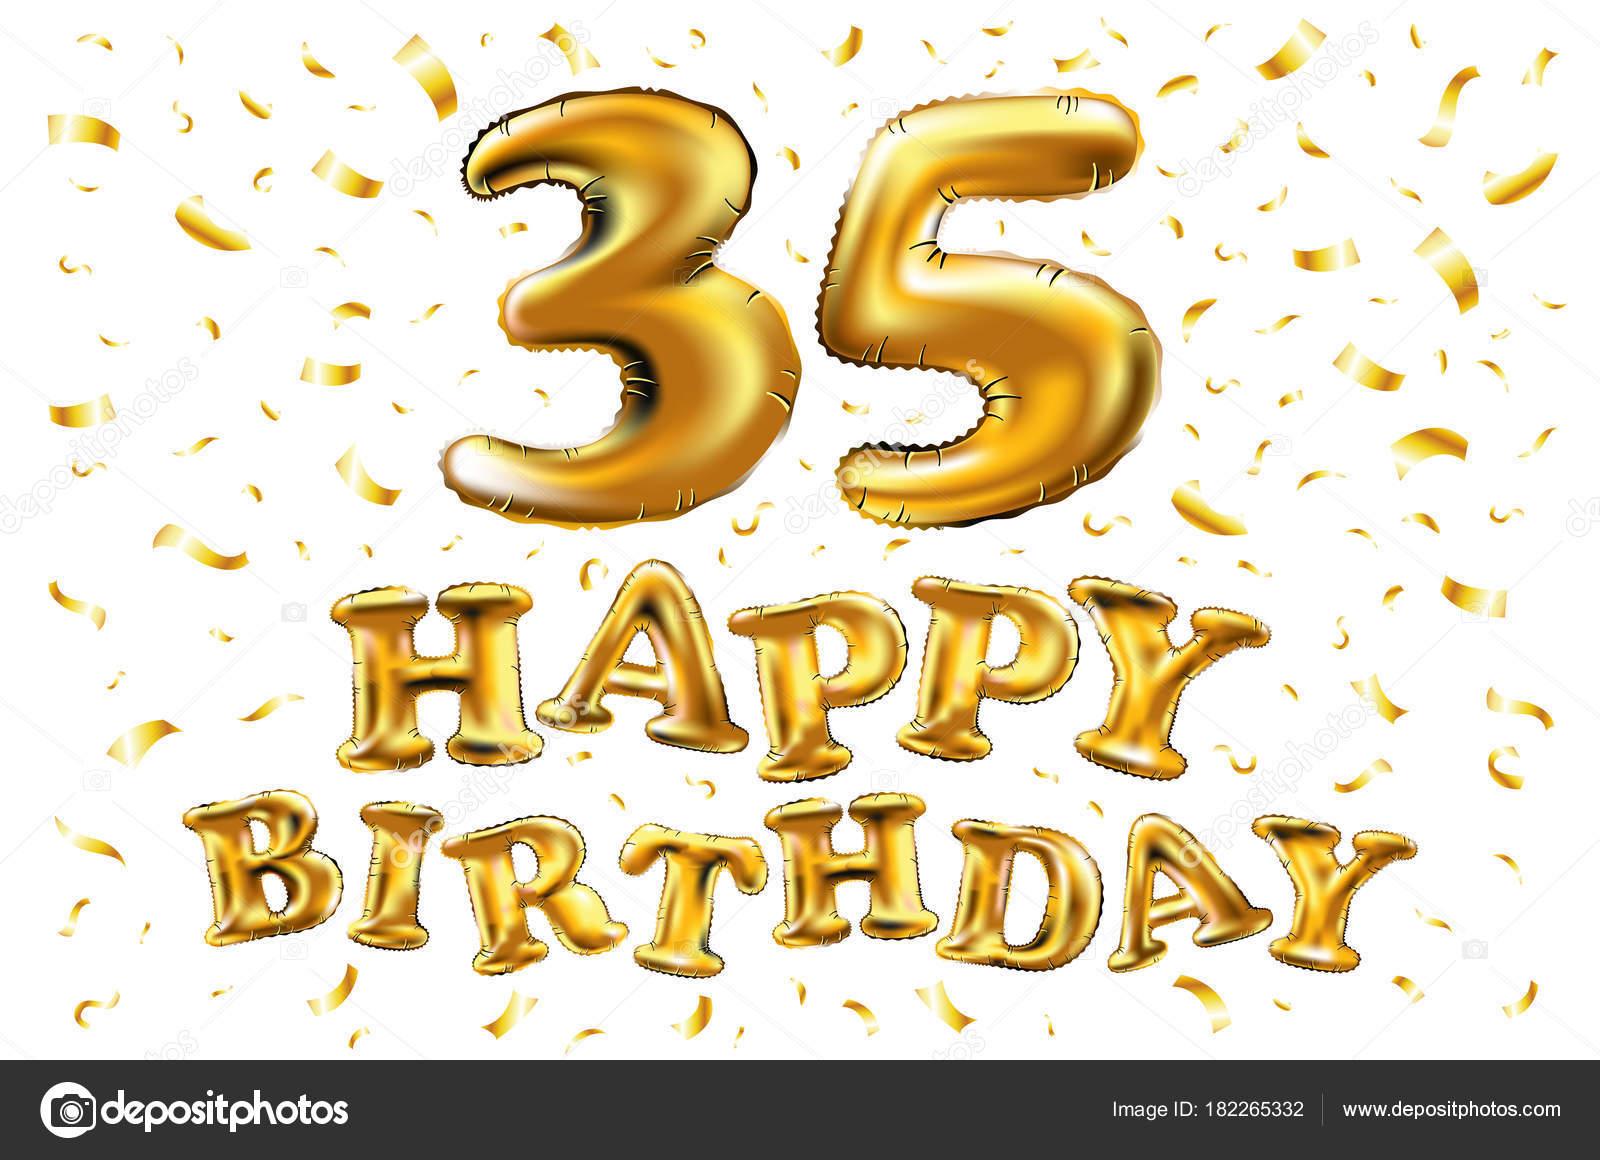 35e Verjaardag Met Gouden Ballonnen En Kleurrijke Confetti Glitters